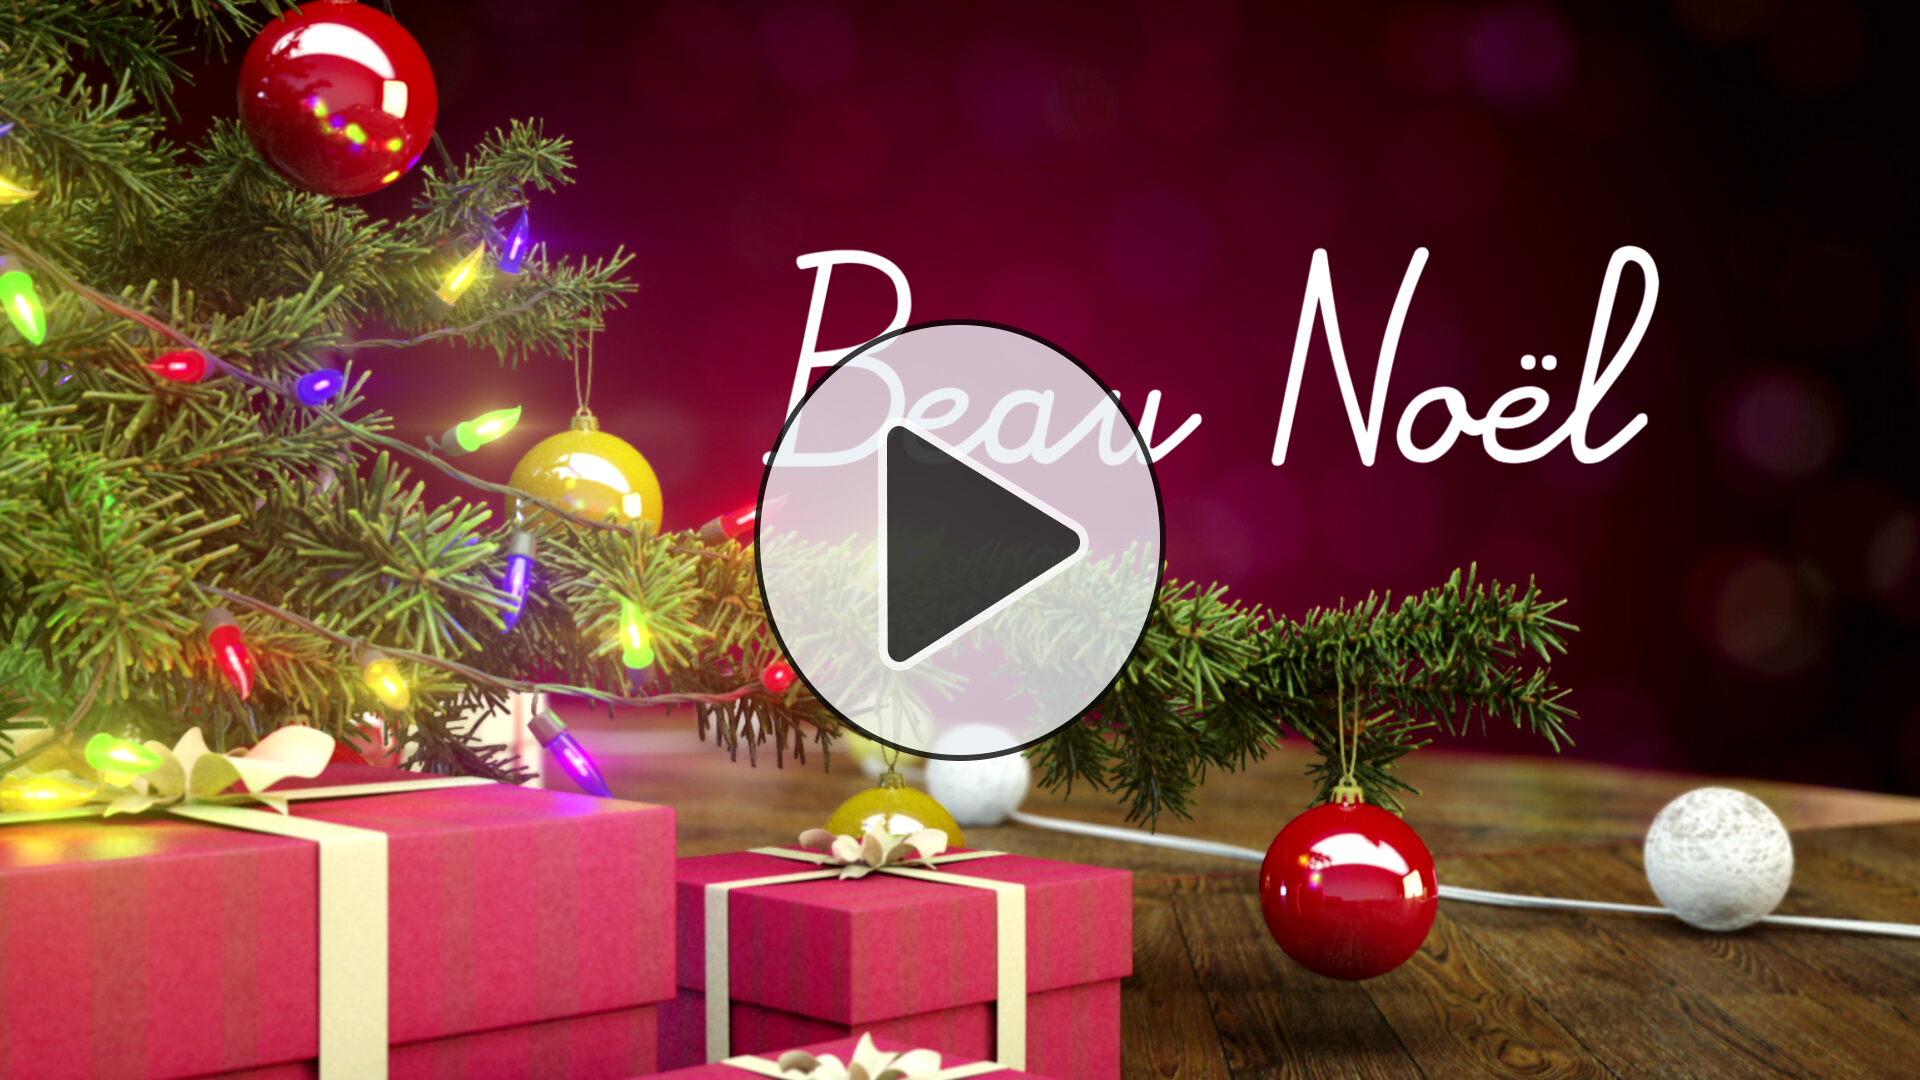 Carte virtuelle musicale de noel gratuite - Carte de noel virtuelle gratuite ...